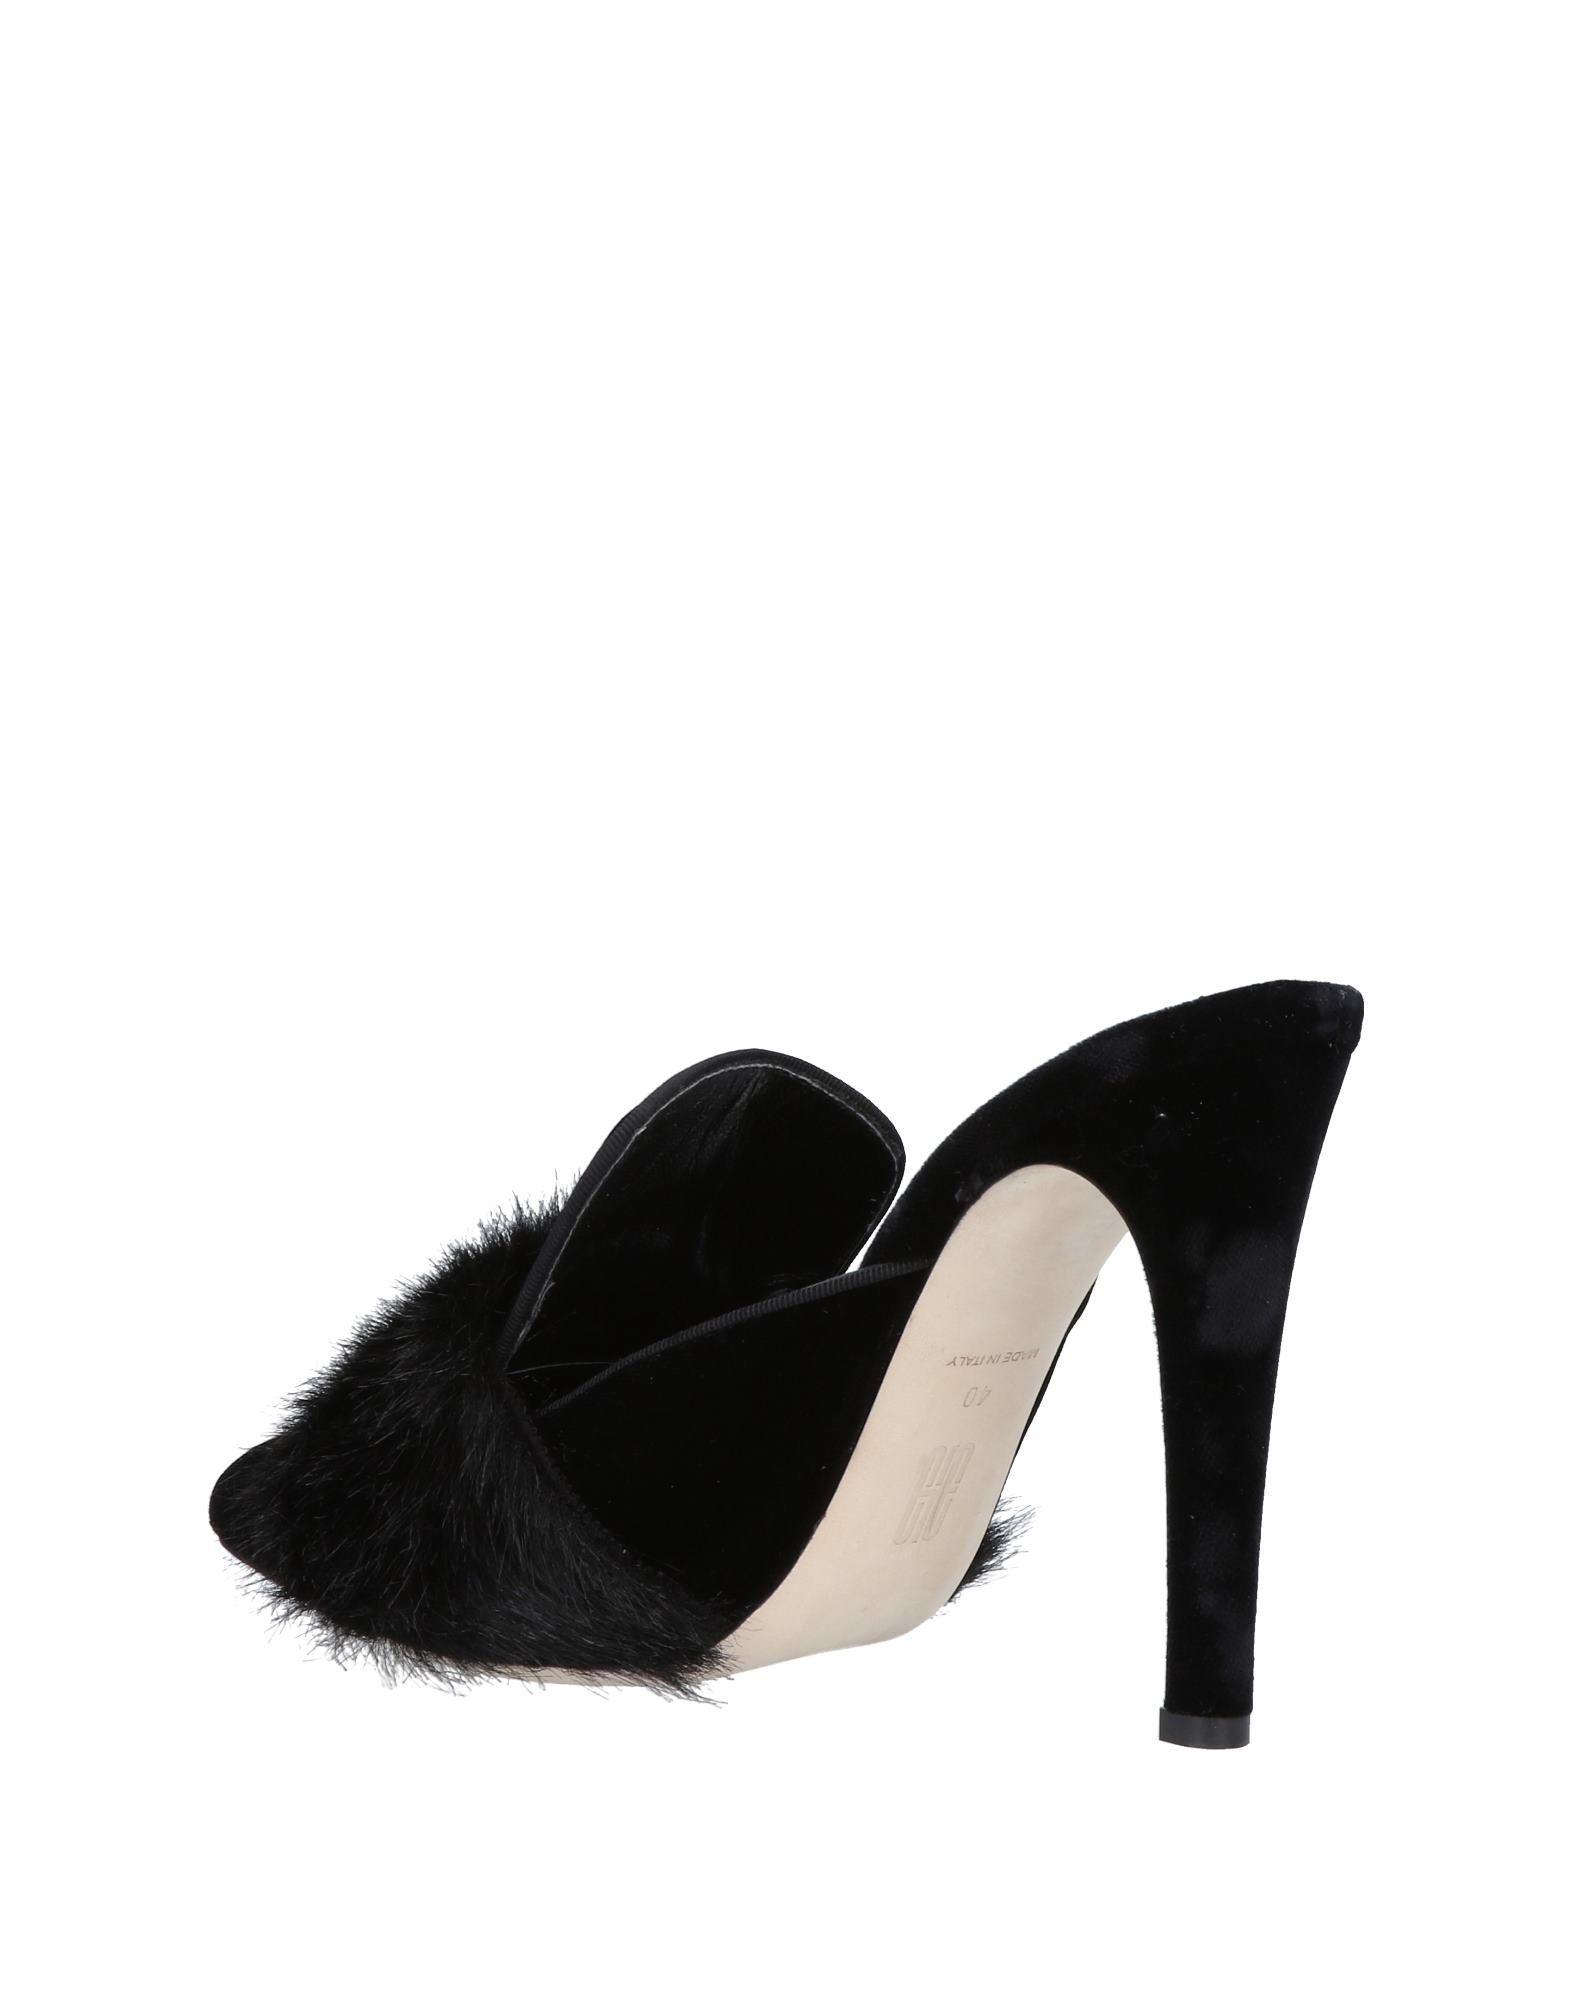 Gut um um Gut billige Schuhe zu tragenSanayi 313 Pantoletten Damen  11464027SW 6b42d6